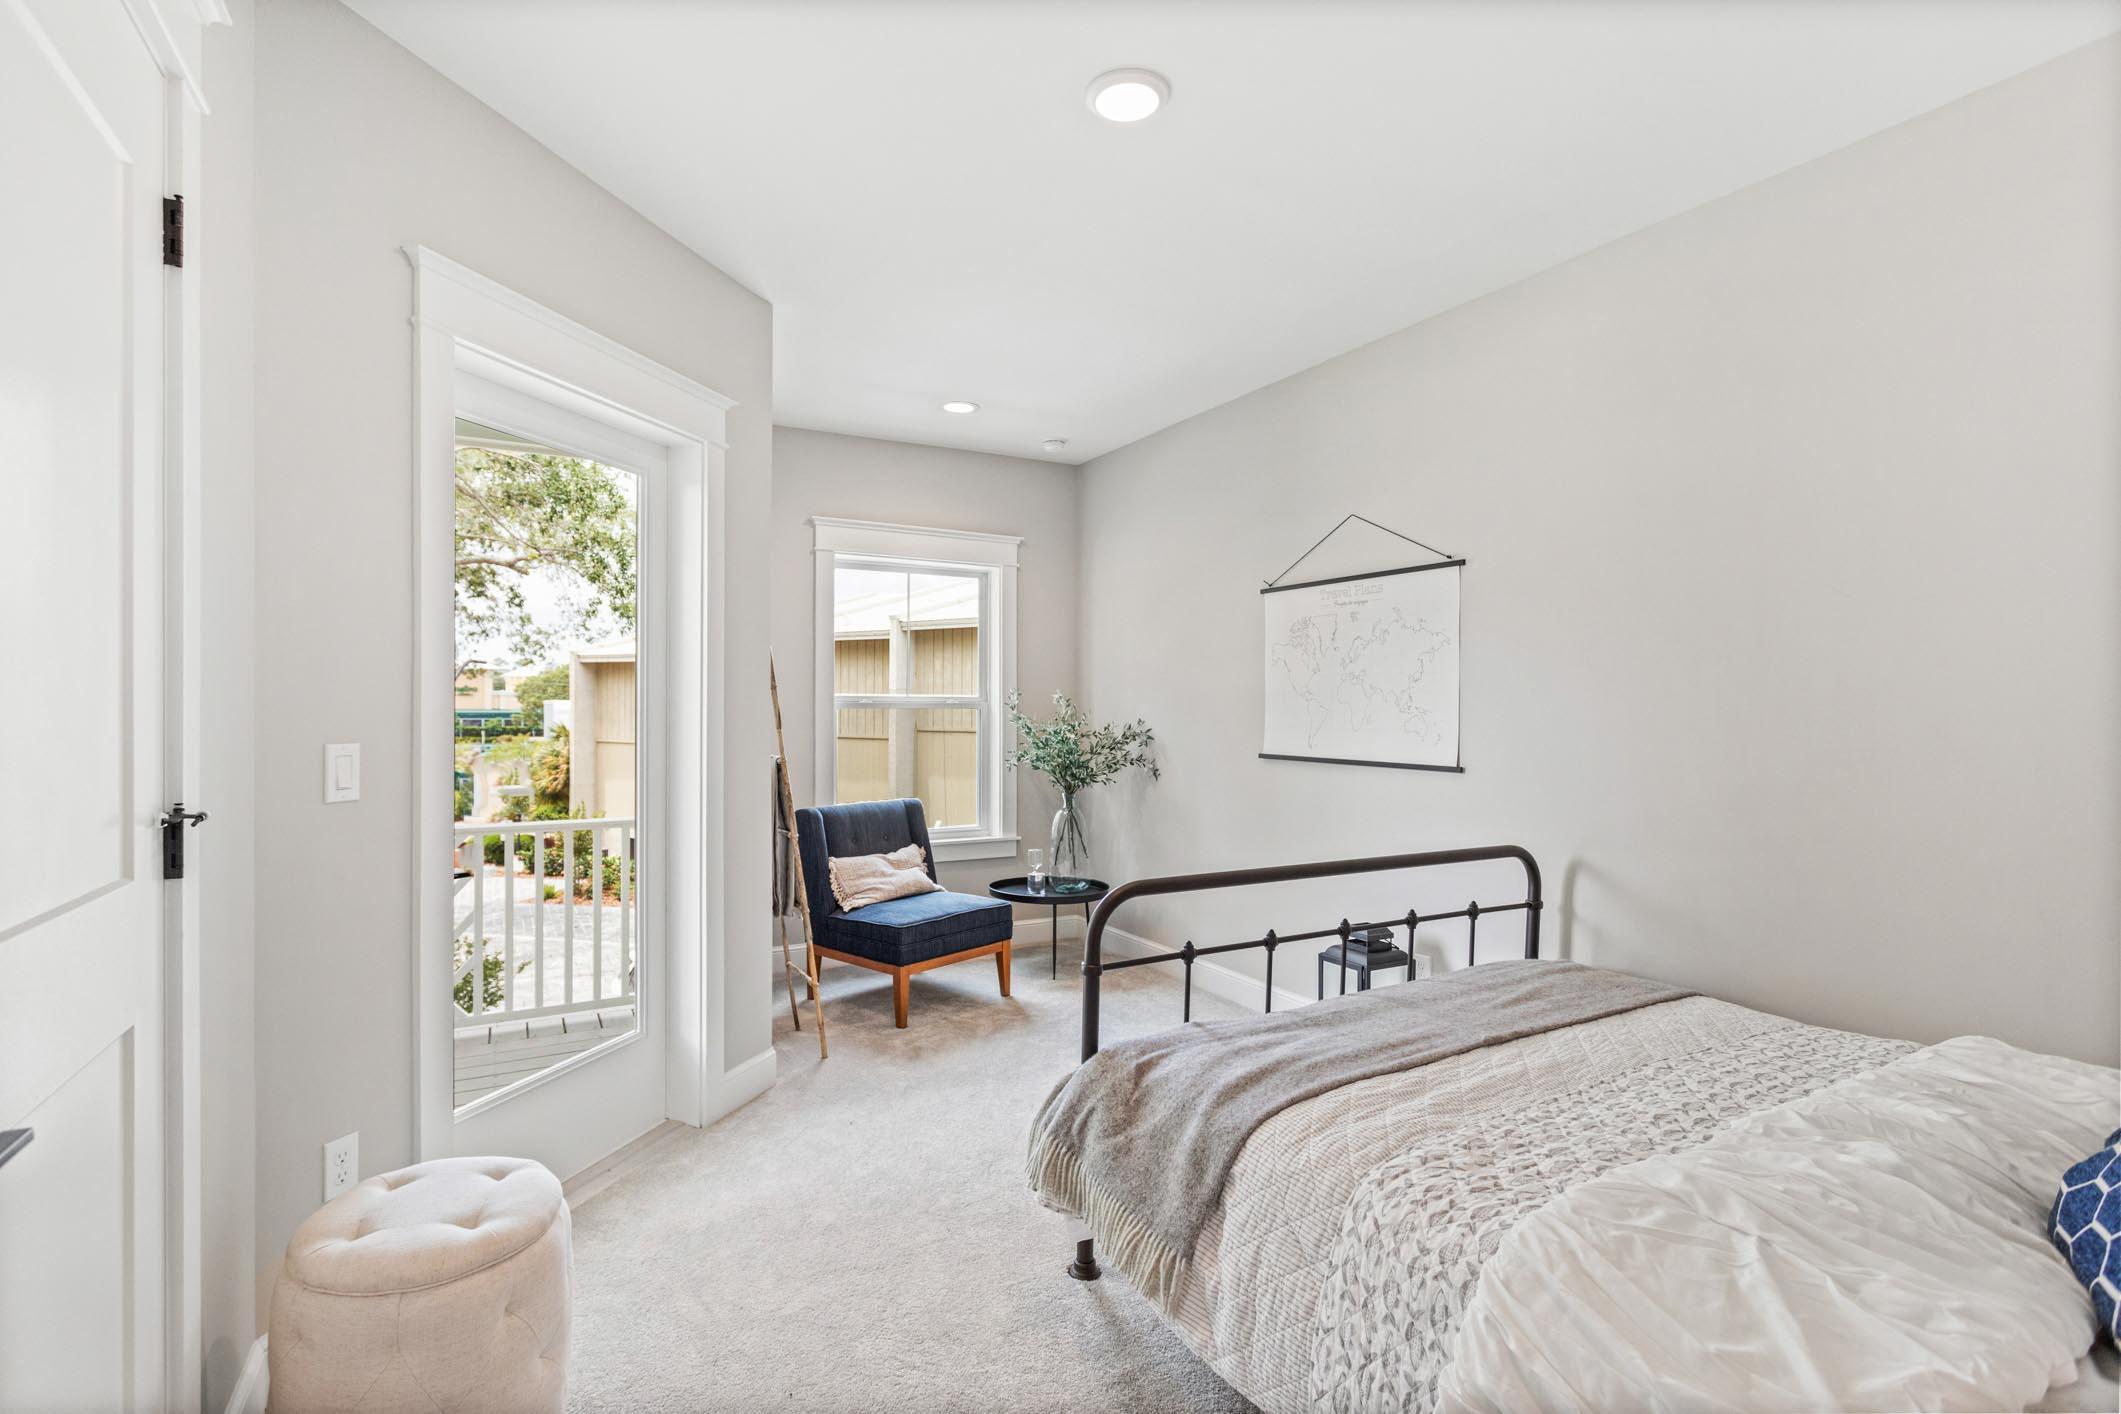 Villa Calissa Property Photos (12 of 32)